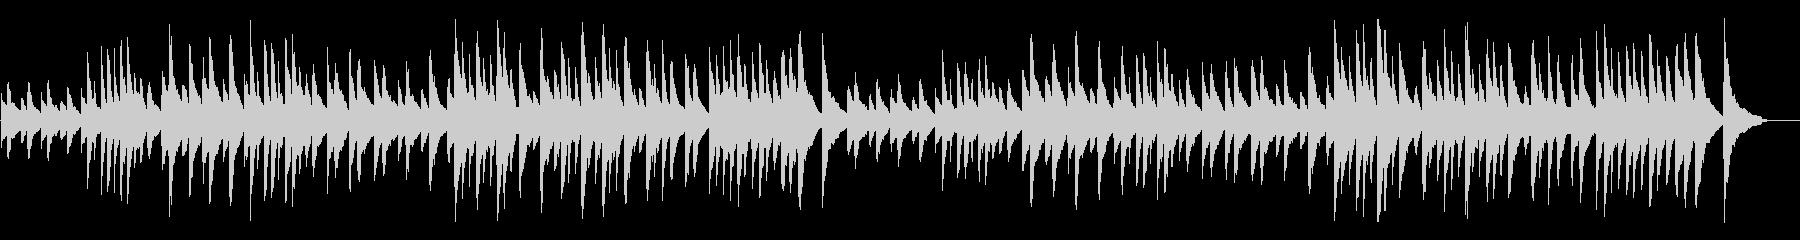 ジムノペディ第1番【ピアノ名曲】の未再生の波形